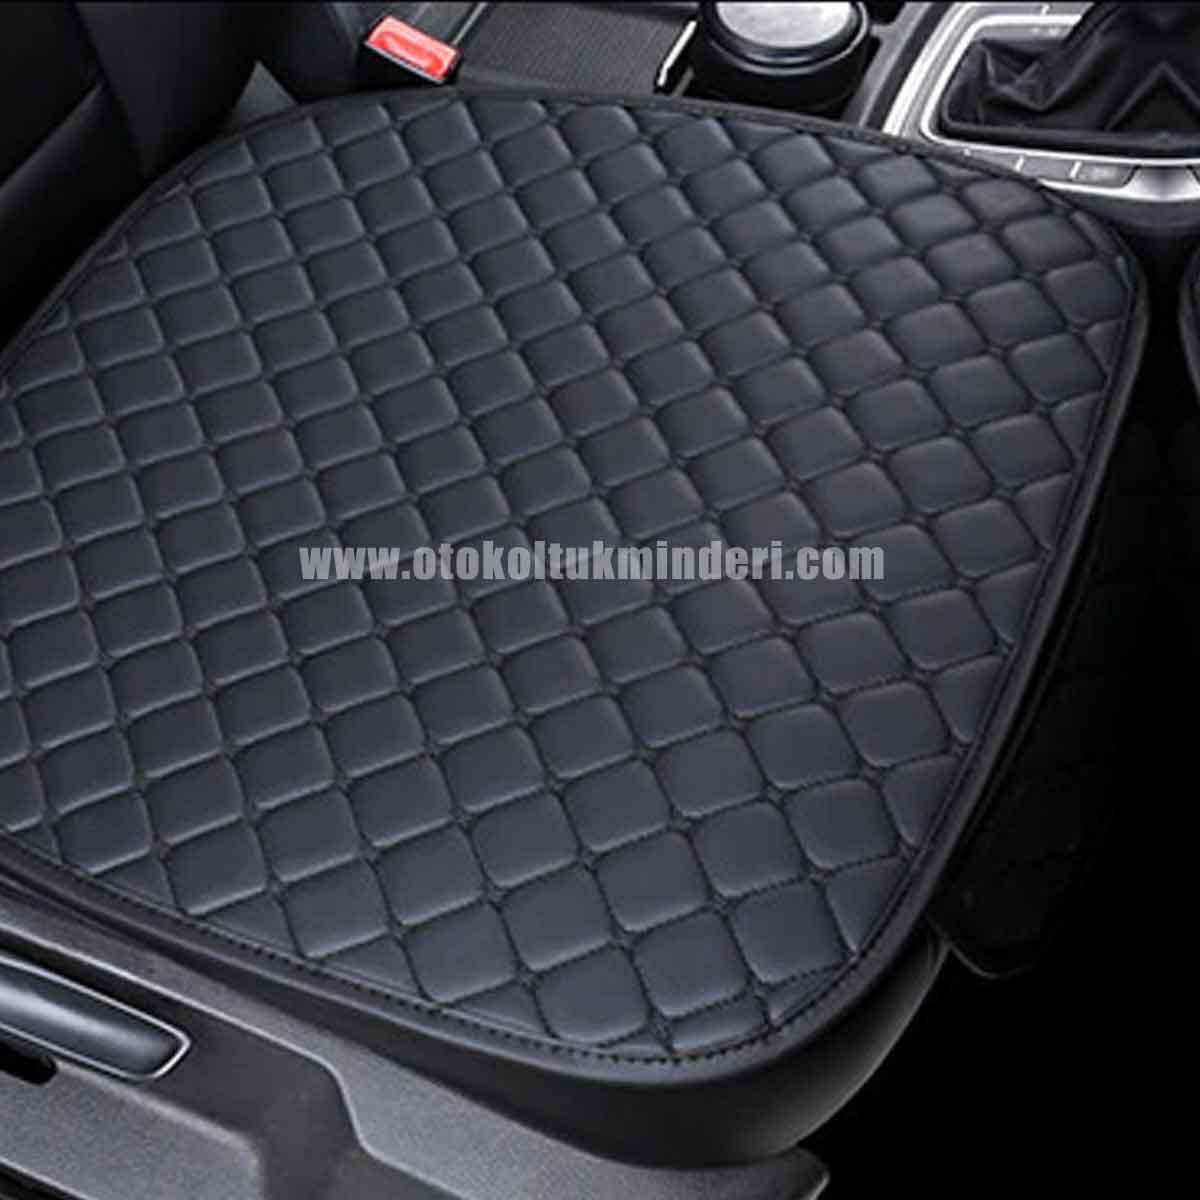 Audi oto koltuk kılıfı